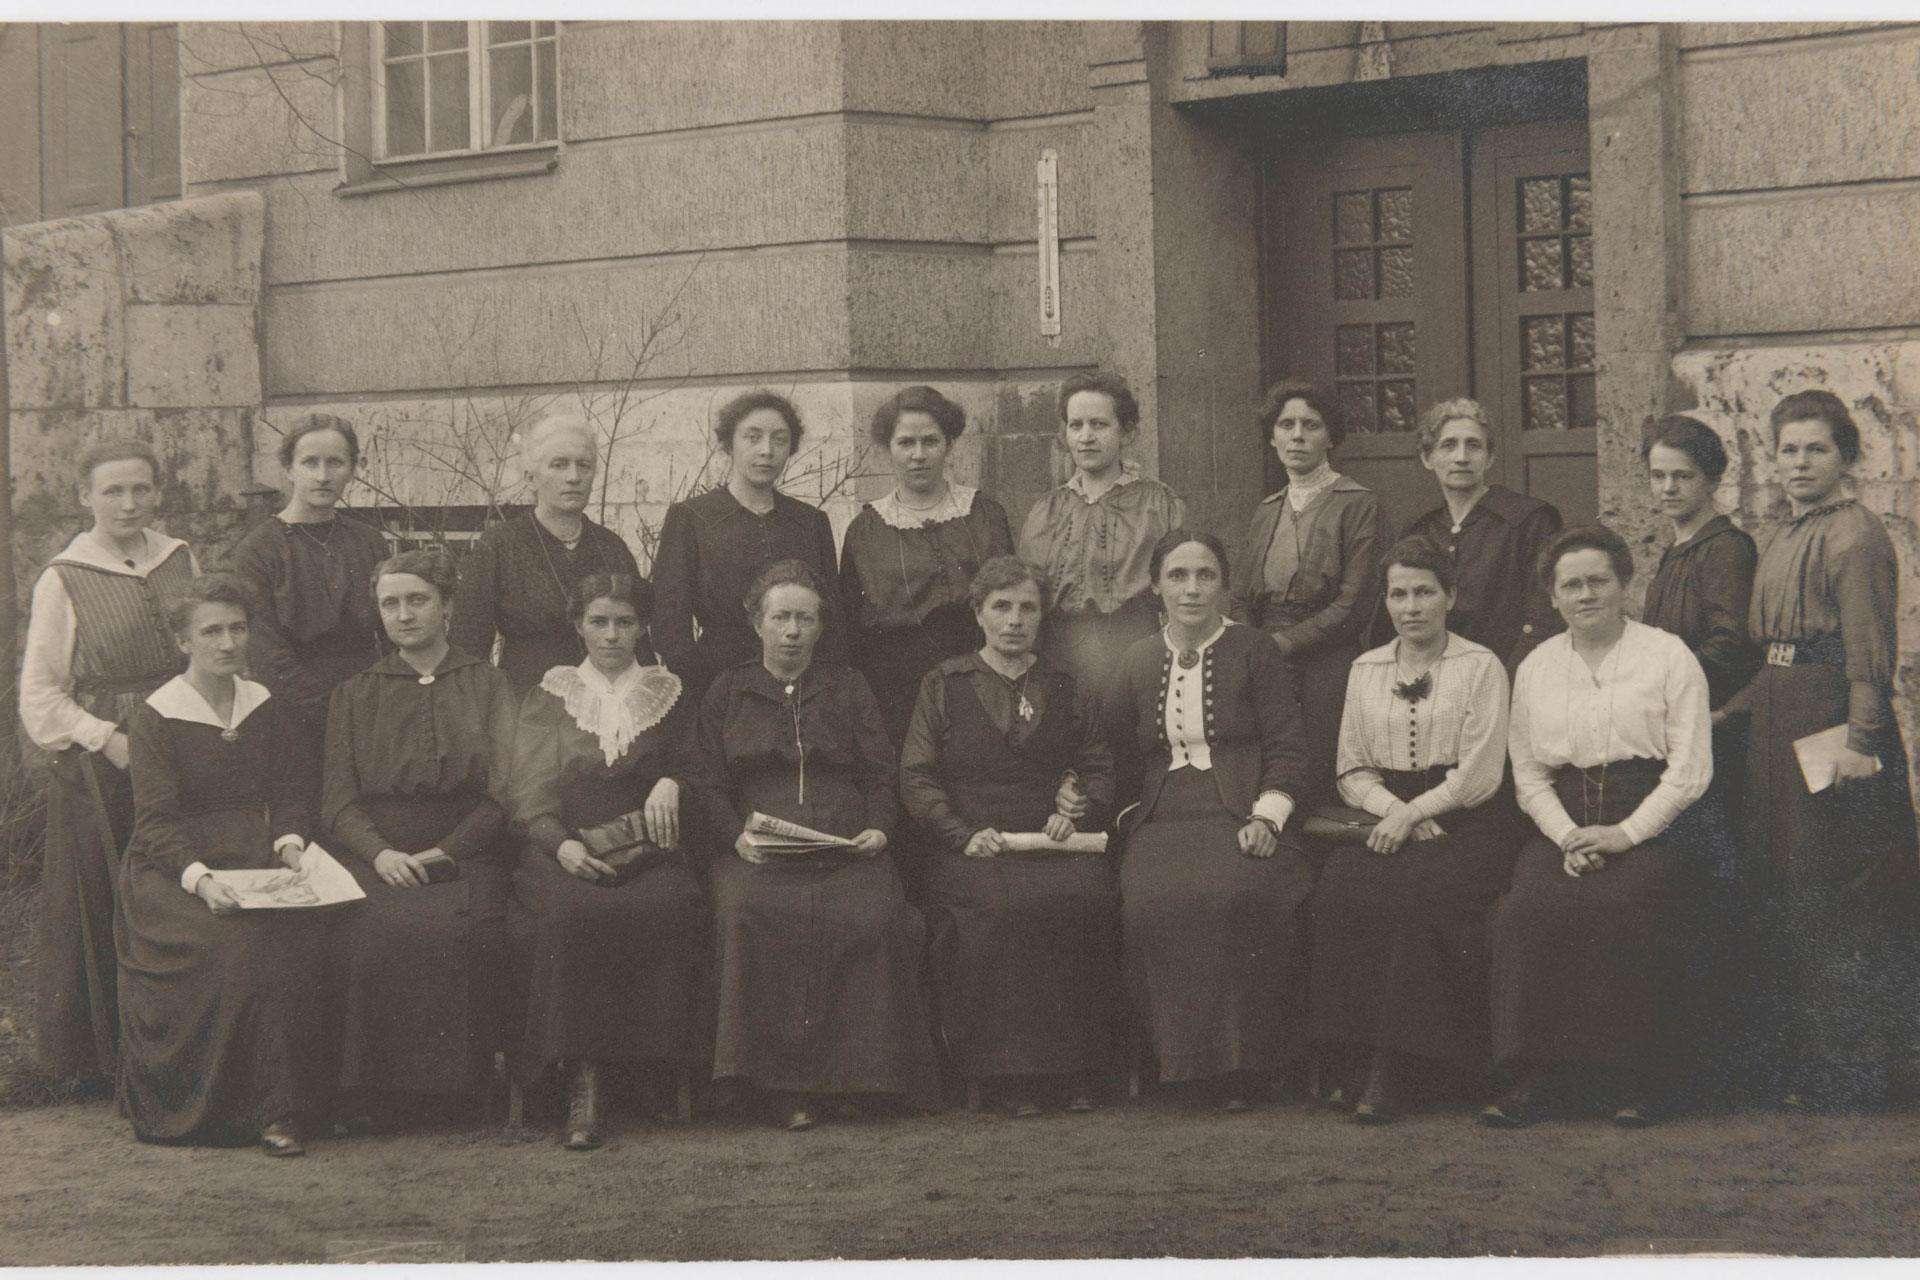 18 der 37 ersten Parlamentarierinnen vor dem Weimarer Parlament. Foto: Horst Ziegenfusz/ Historisches Museum Frankfurt